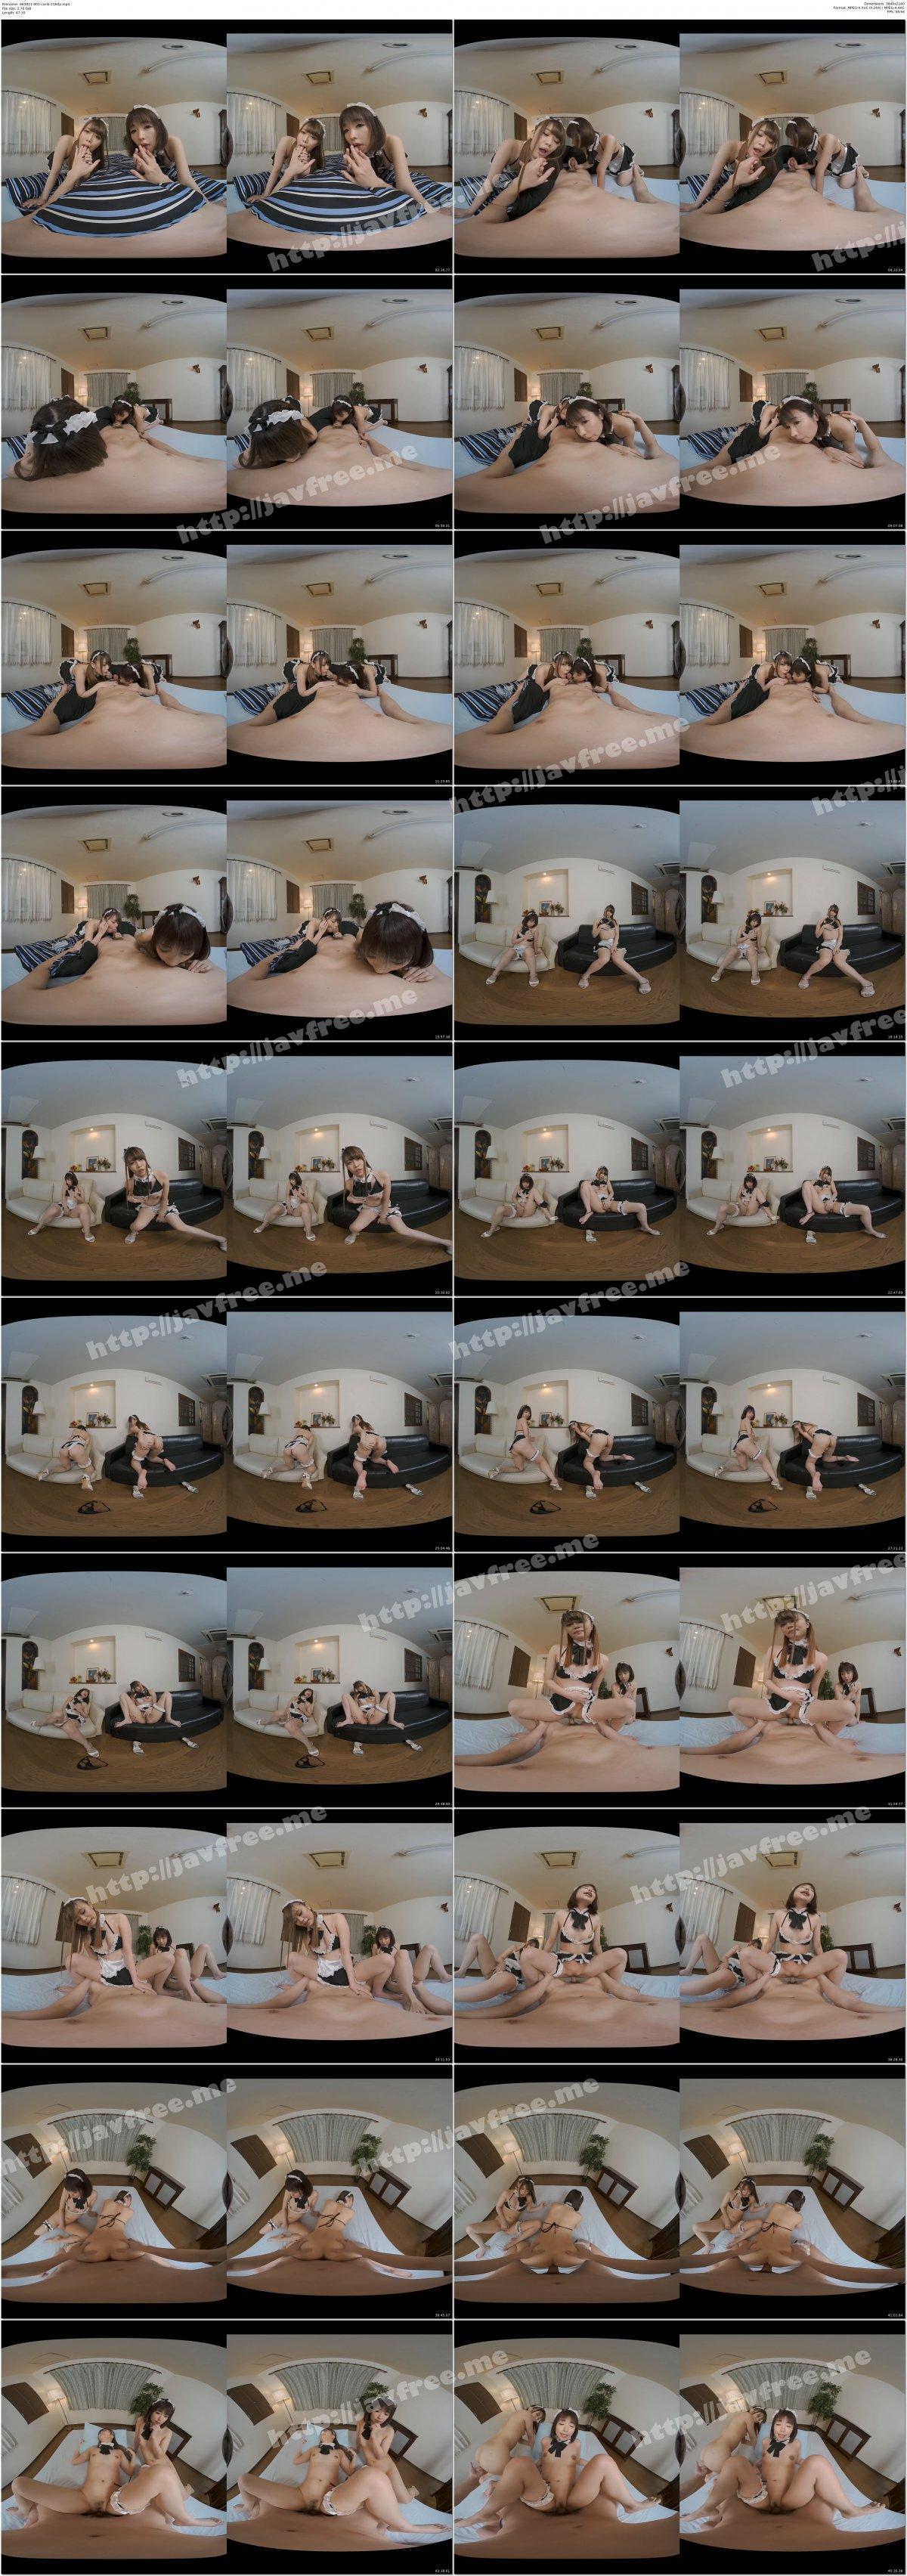 カリビアンコム 063021-001 [VR] 従順なメイドはどっち? 〜ご主人様のお気に入りになりたいパイパンメイドx2〜 涼宮のん 高山ちさと - 無修正動画 - image 063021-001-carib on https://javfree.me